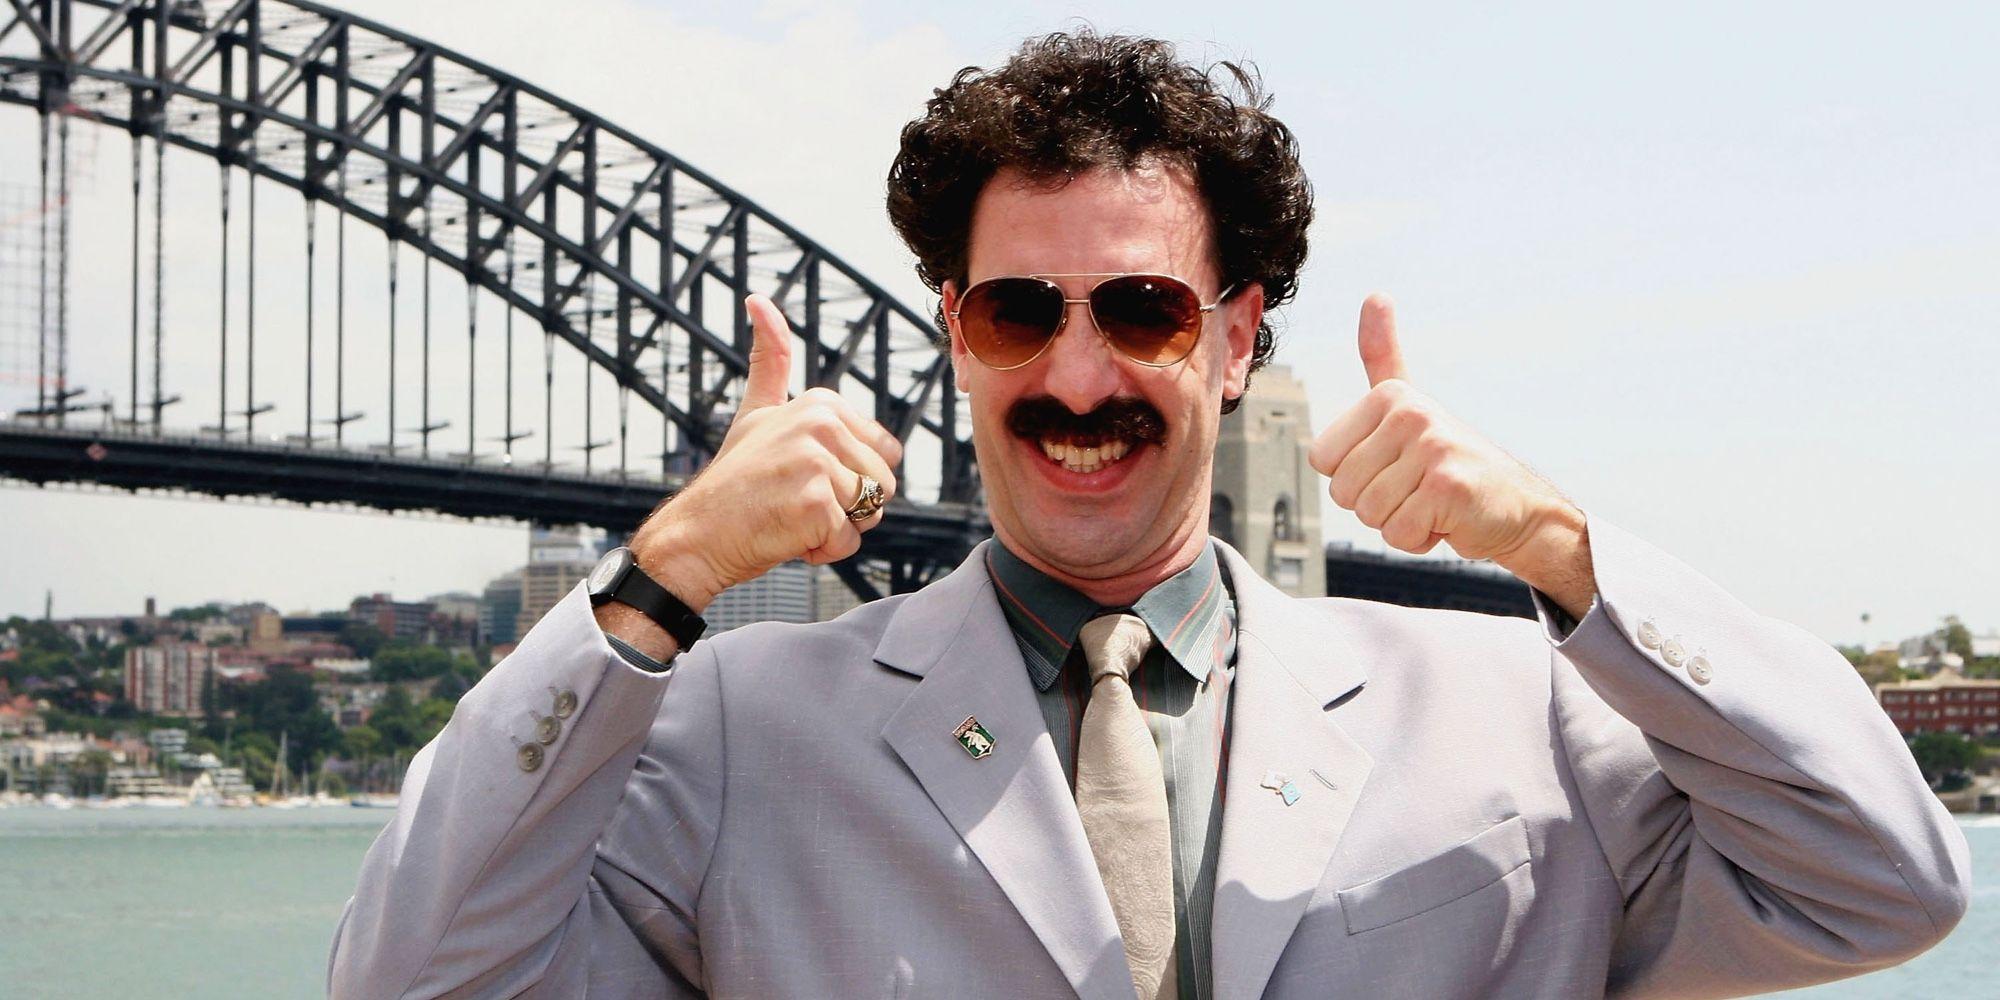 Előzetest kapott a Borat folytatása. Te megnézed majd?